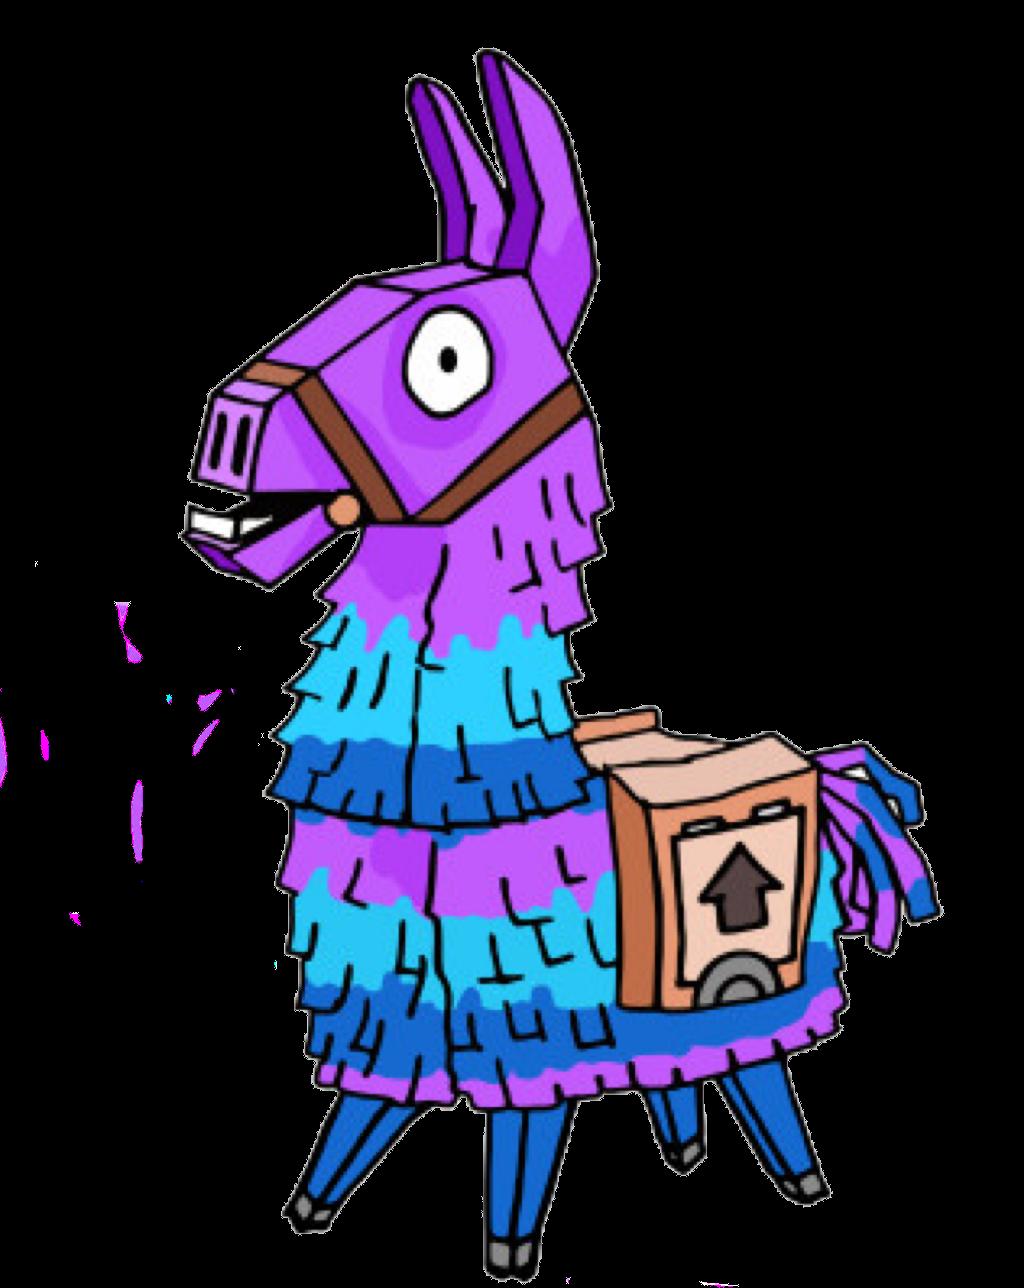 Loot Llama From Fortnite Llama Loot Lootllama Fornit Llama Pictures Llama Drawing Art